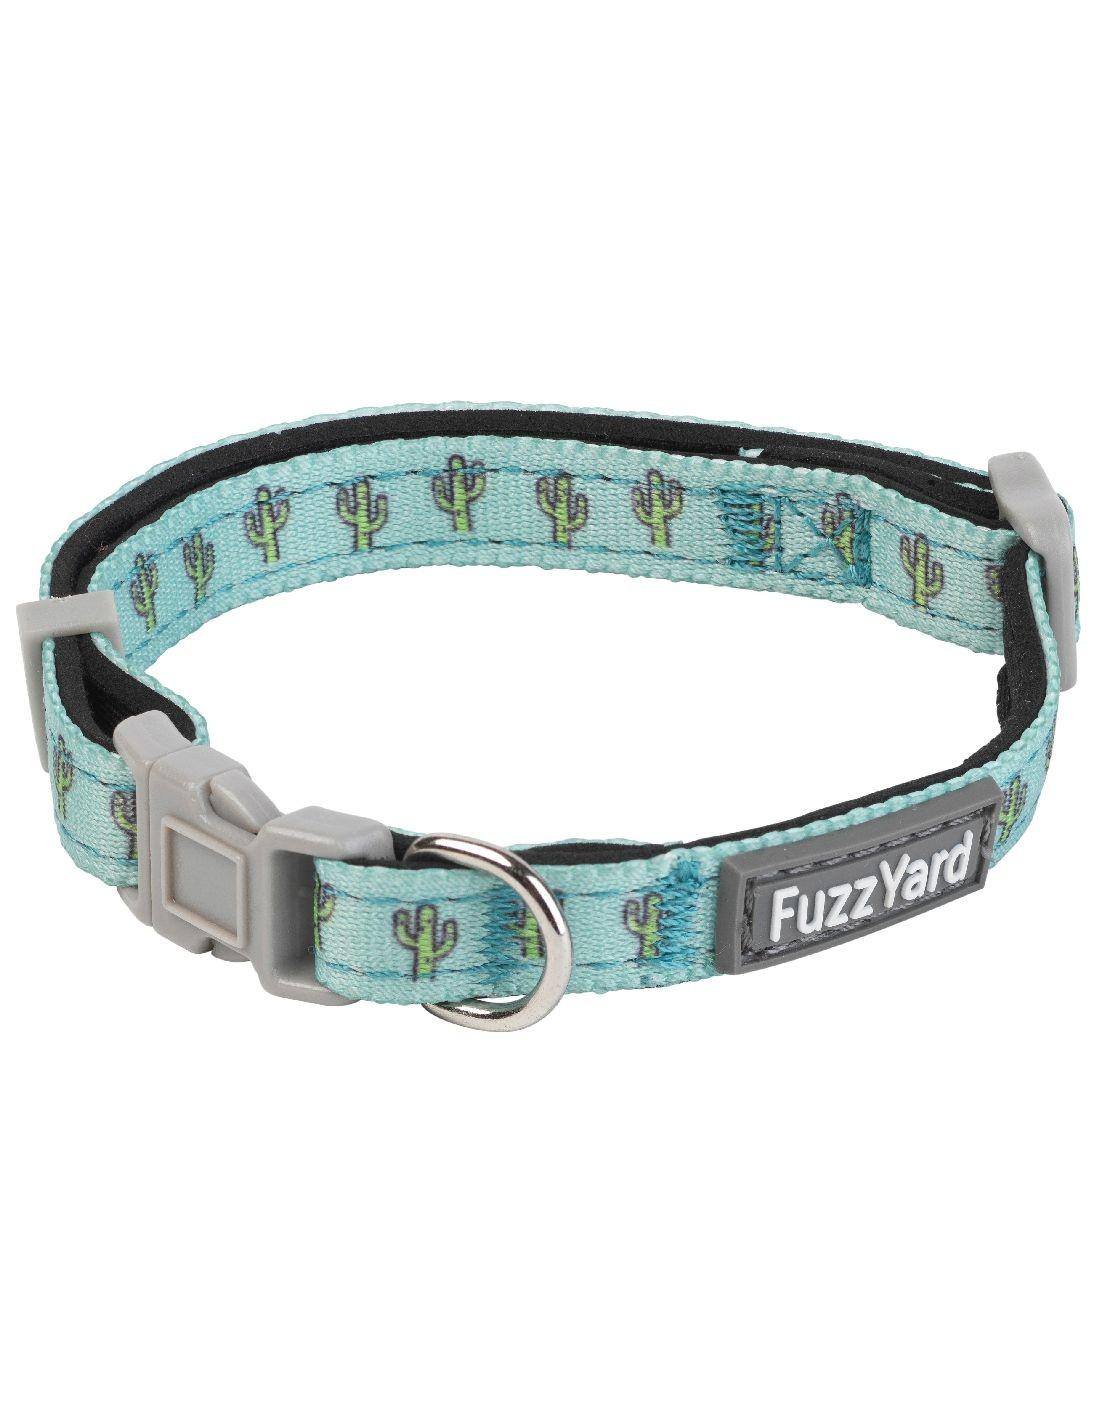 FUZZYARD Collar y Correa Tucson - para cachorro